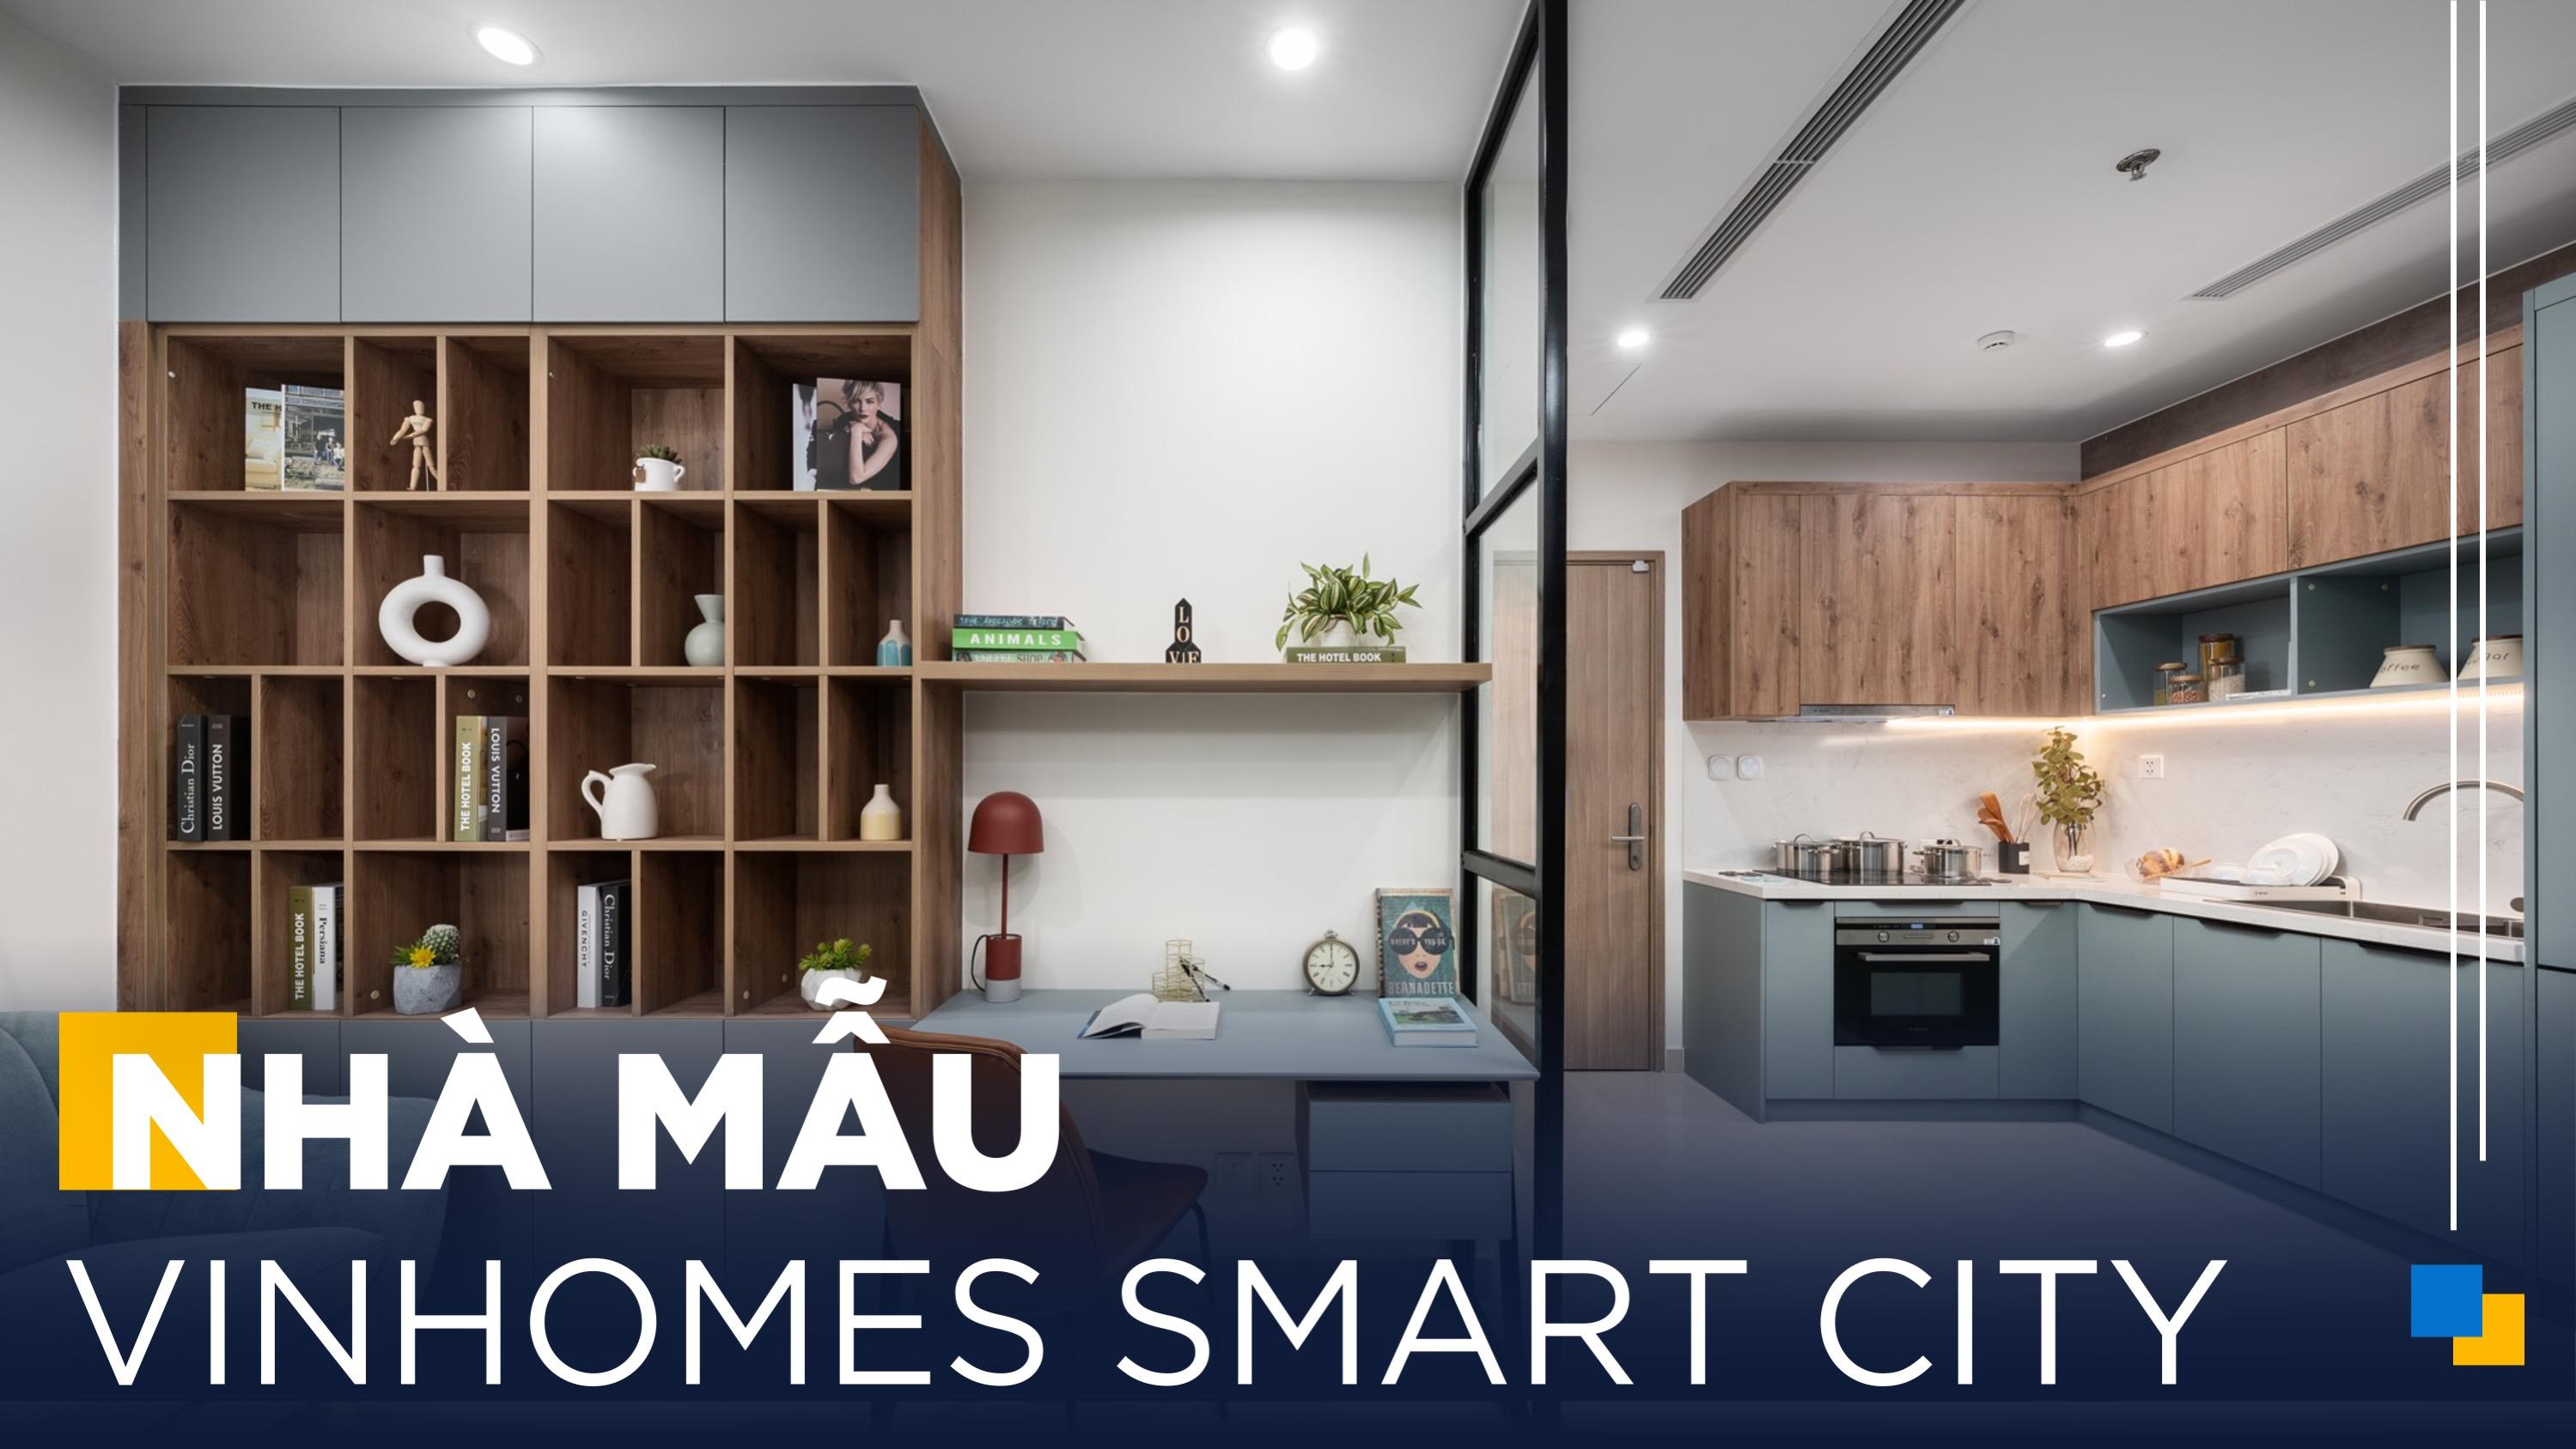 Gỗ An Cường | Thiết Kế Căn Hộ 1 Phòng Ngủ Siêu Hợp Lý Tại Vinhomes Smart City